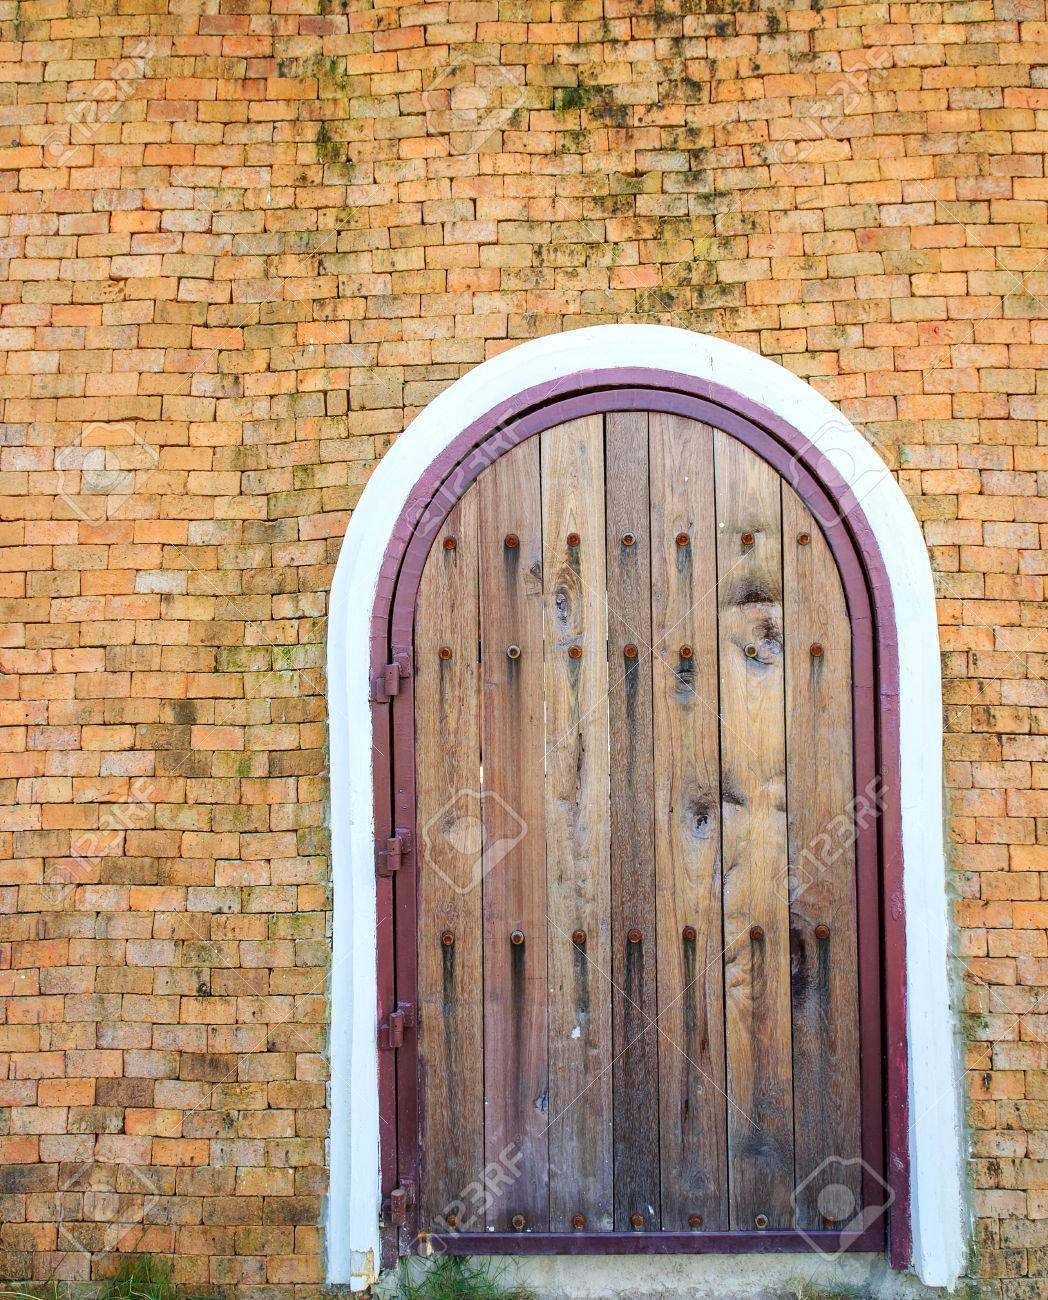 Geschlossene tür  Wooden Vintage Geschlossene Tür Mit Mauer Zum Haus Lizenzfreie ...